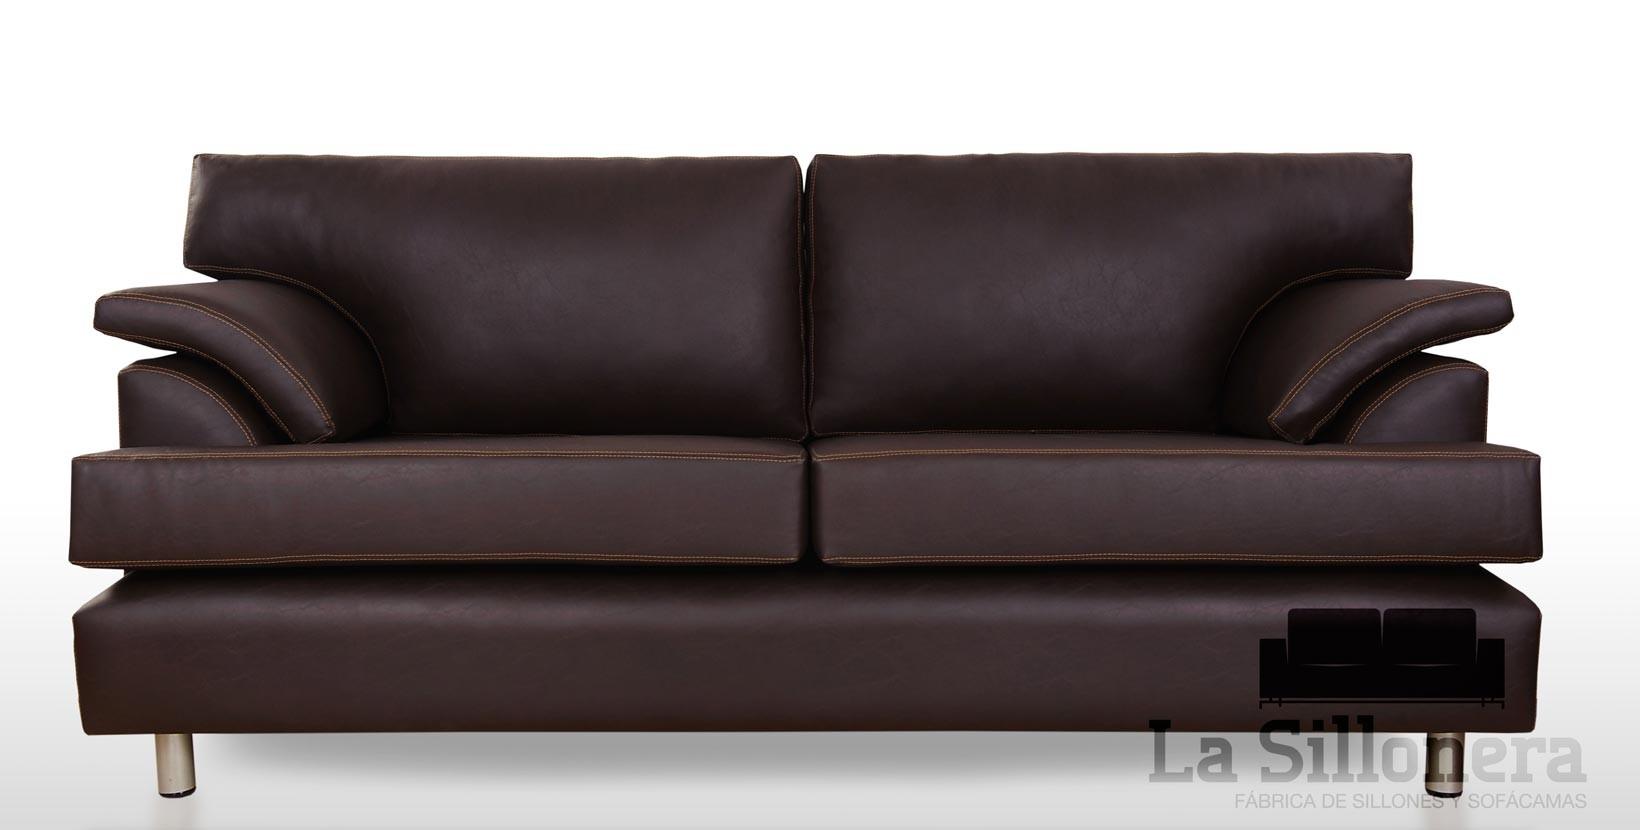 Sofa Cama Modelo New York 2 Y 3 Cuerpos